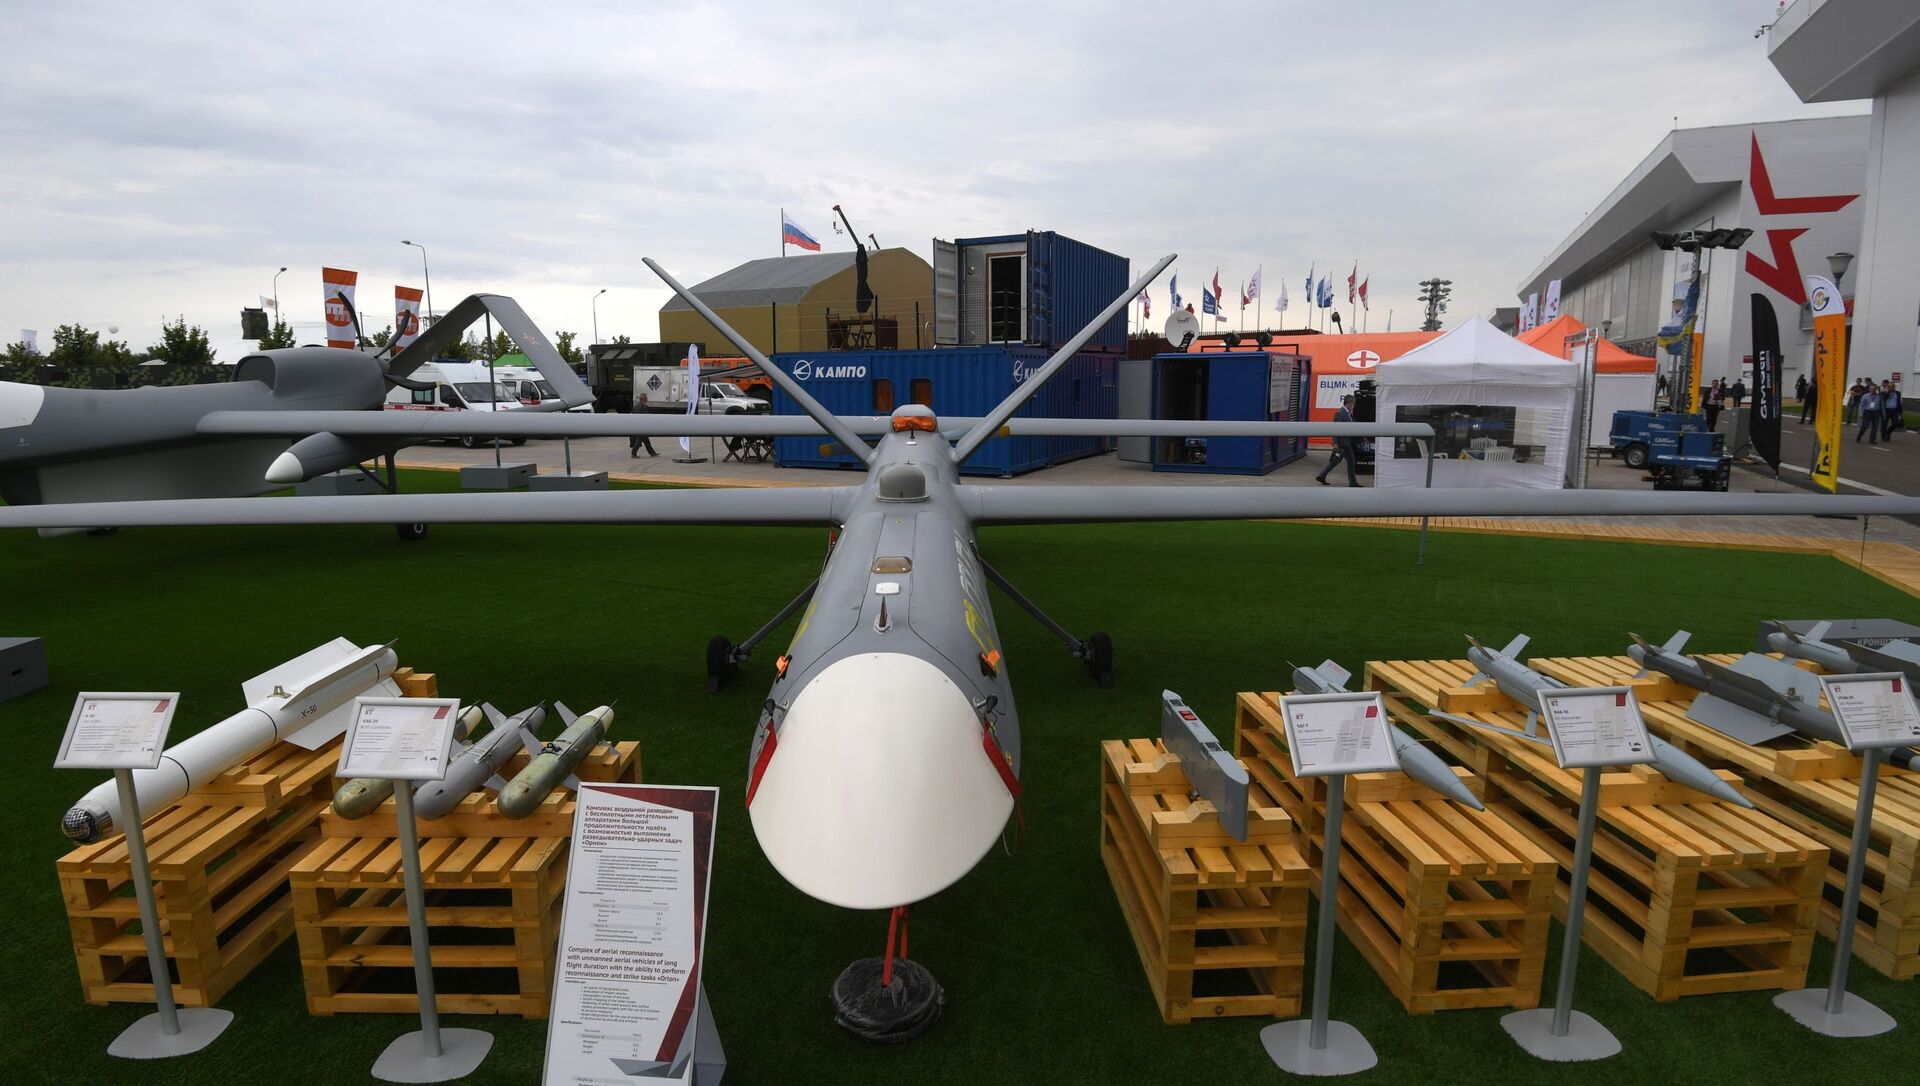 Tổ hợp trinh sát đường không với máy bay không người lái có thời gian hoạt động lâu với khả năng thực hiện nhiệm vụ trinh sát và tấn công Orion của công ty Kronstadt - Sputnik Việt Nam, 1920, 02.07.2021